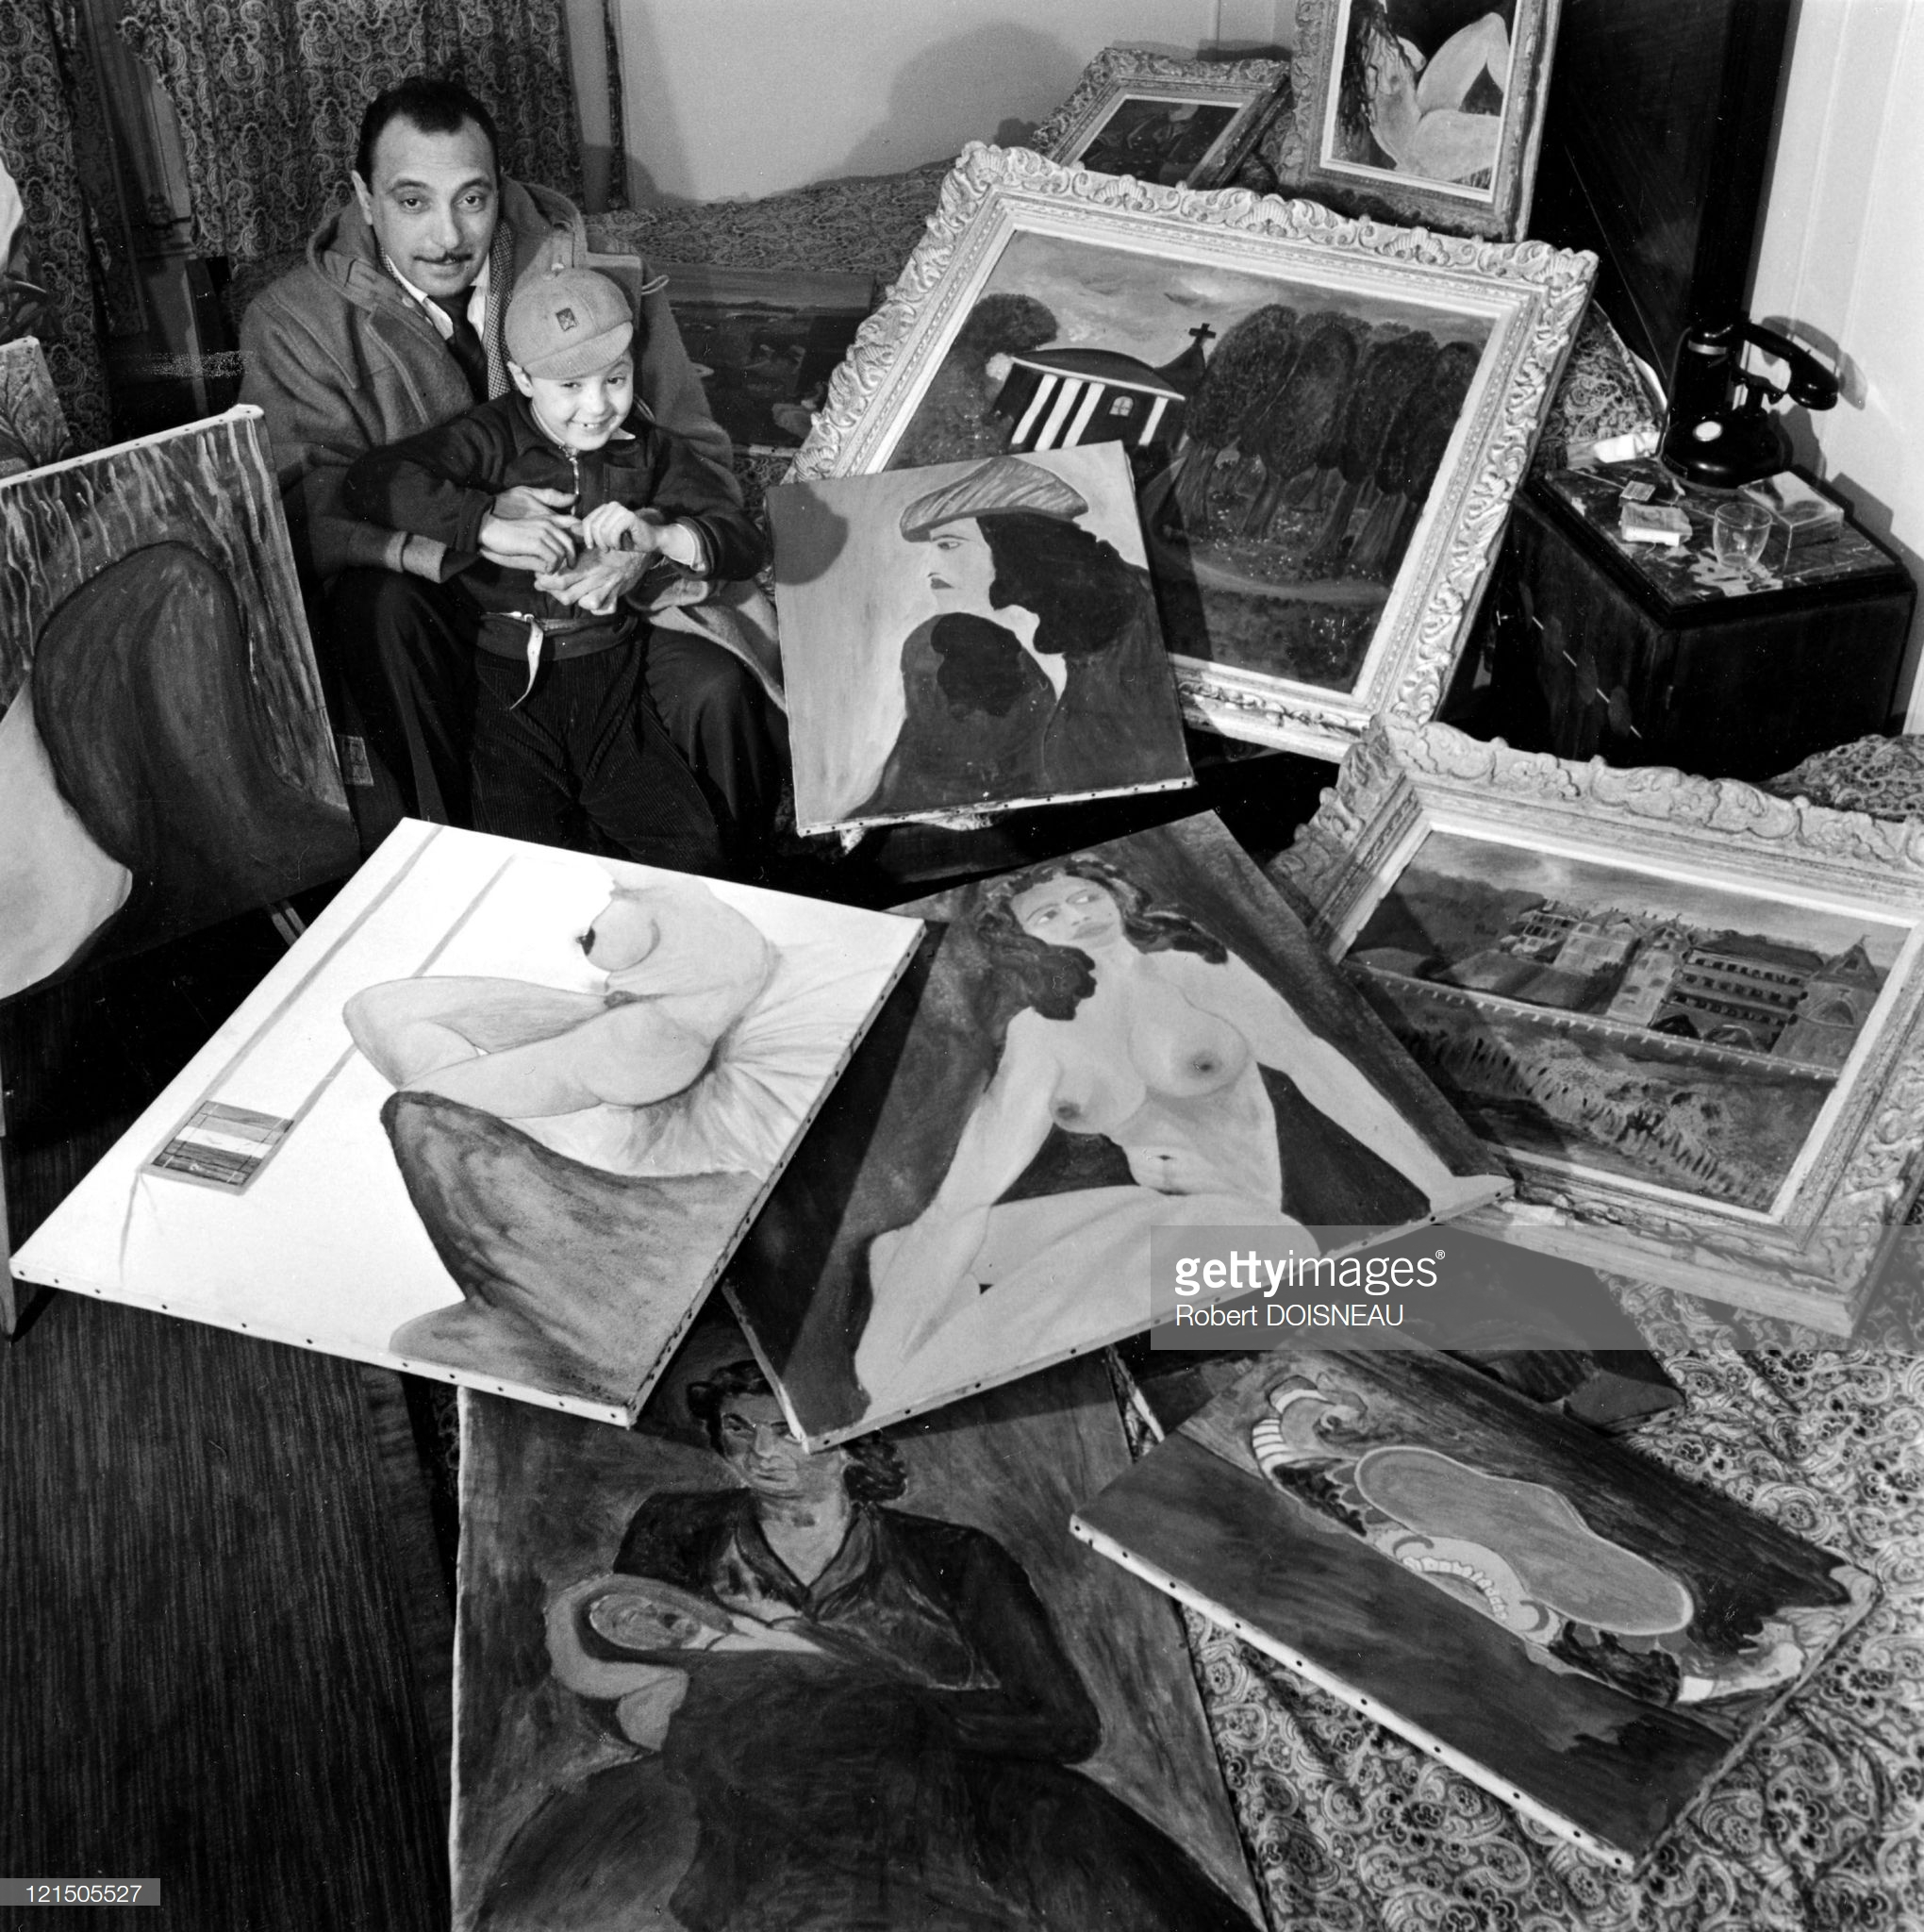 1951. Жан-Батист Рейнхардт, так называемый Джанго Рейнхардт— французский джазовый гитарист-виртуоз, один из основателей стиля «джаз-мануш».